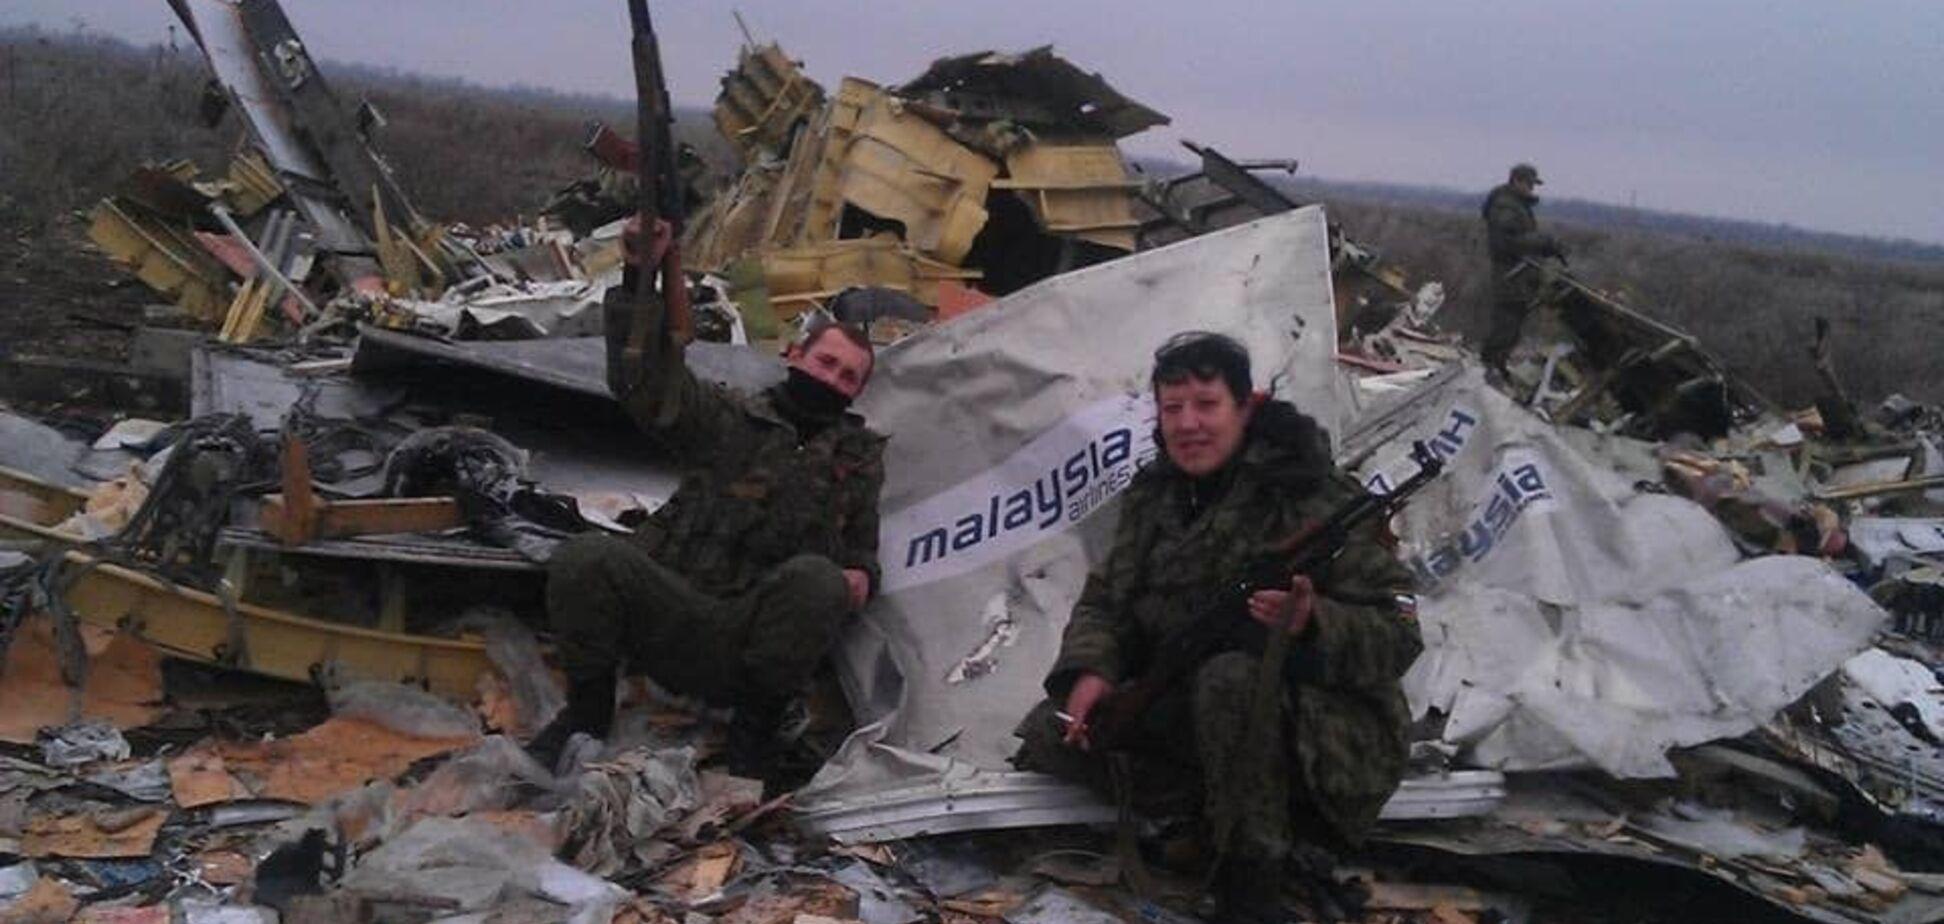 Российские террористы на обломках малайзийского Boeing